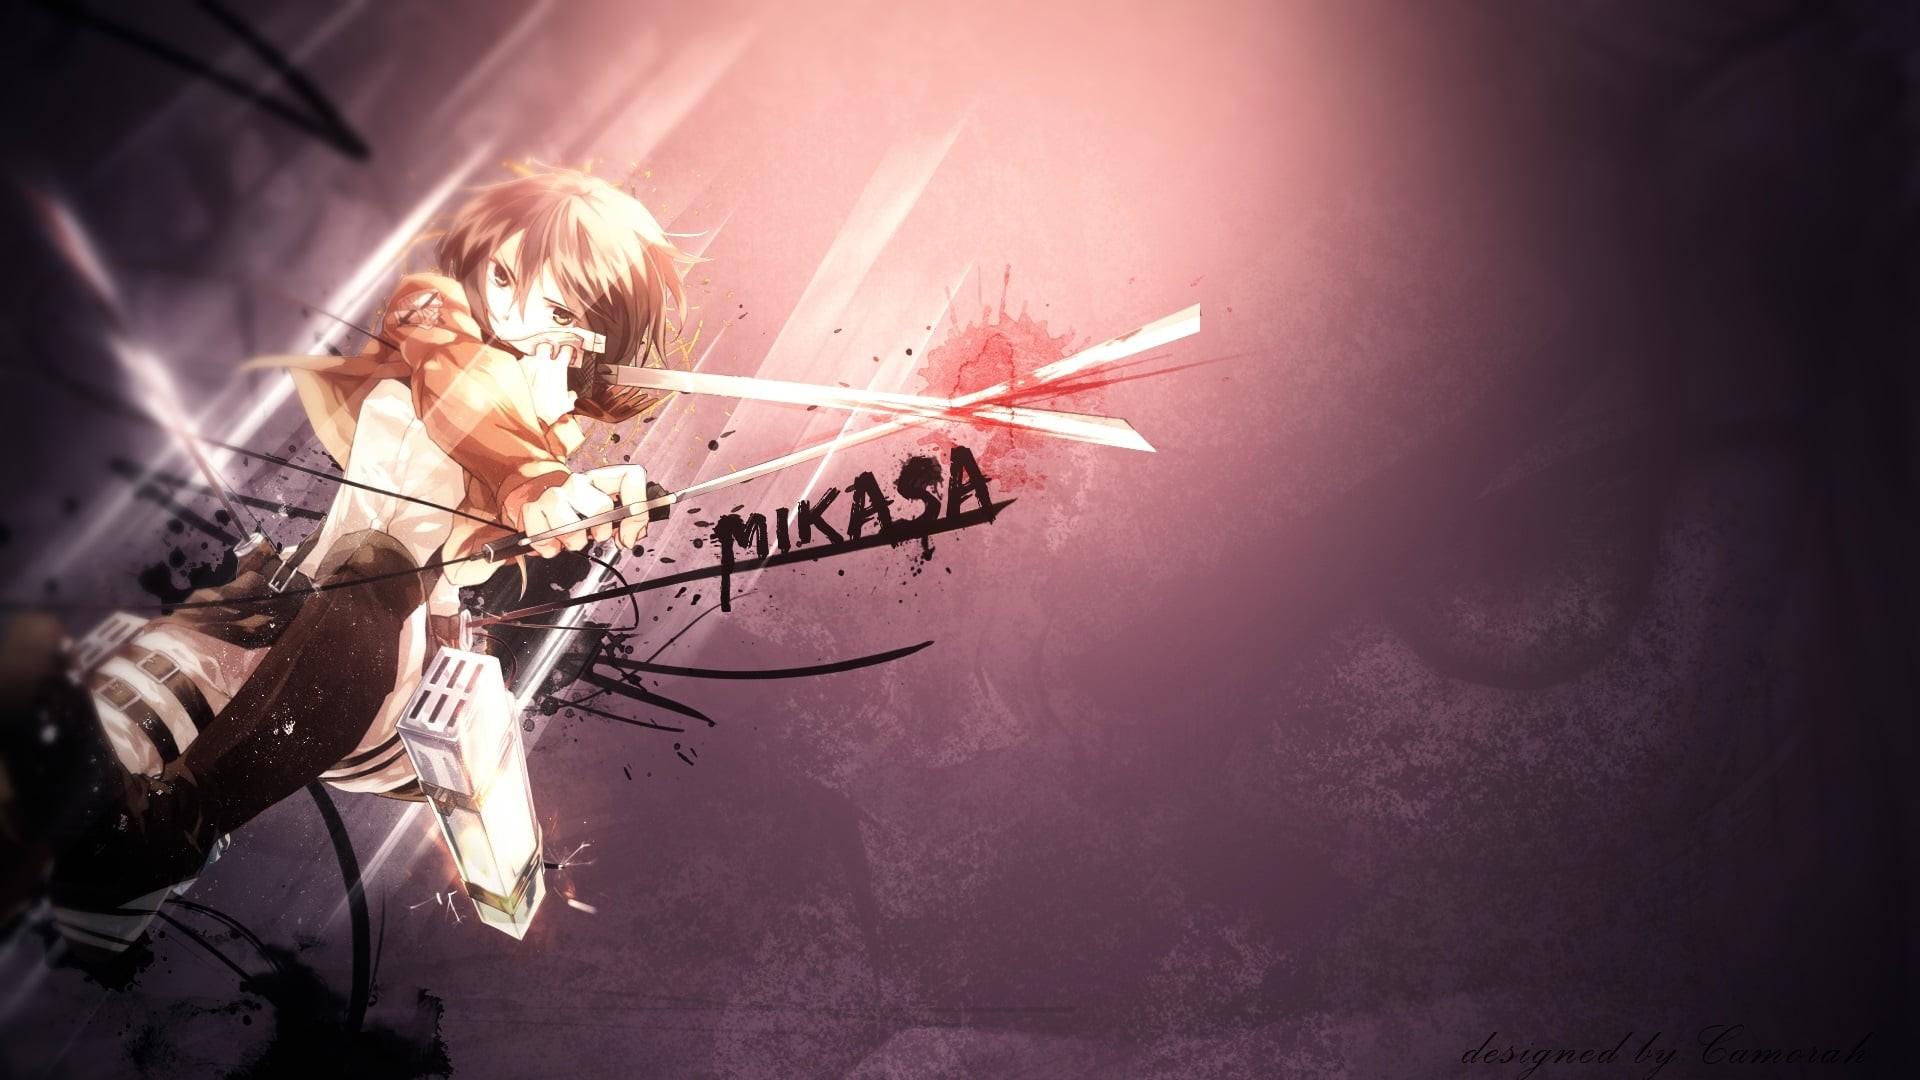 Mikasa Ackerman 1920x1080